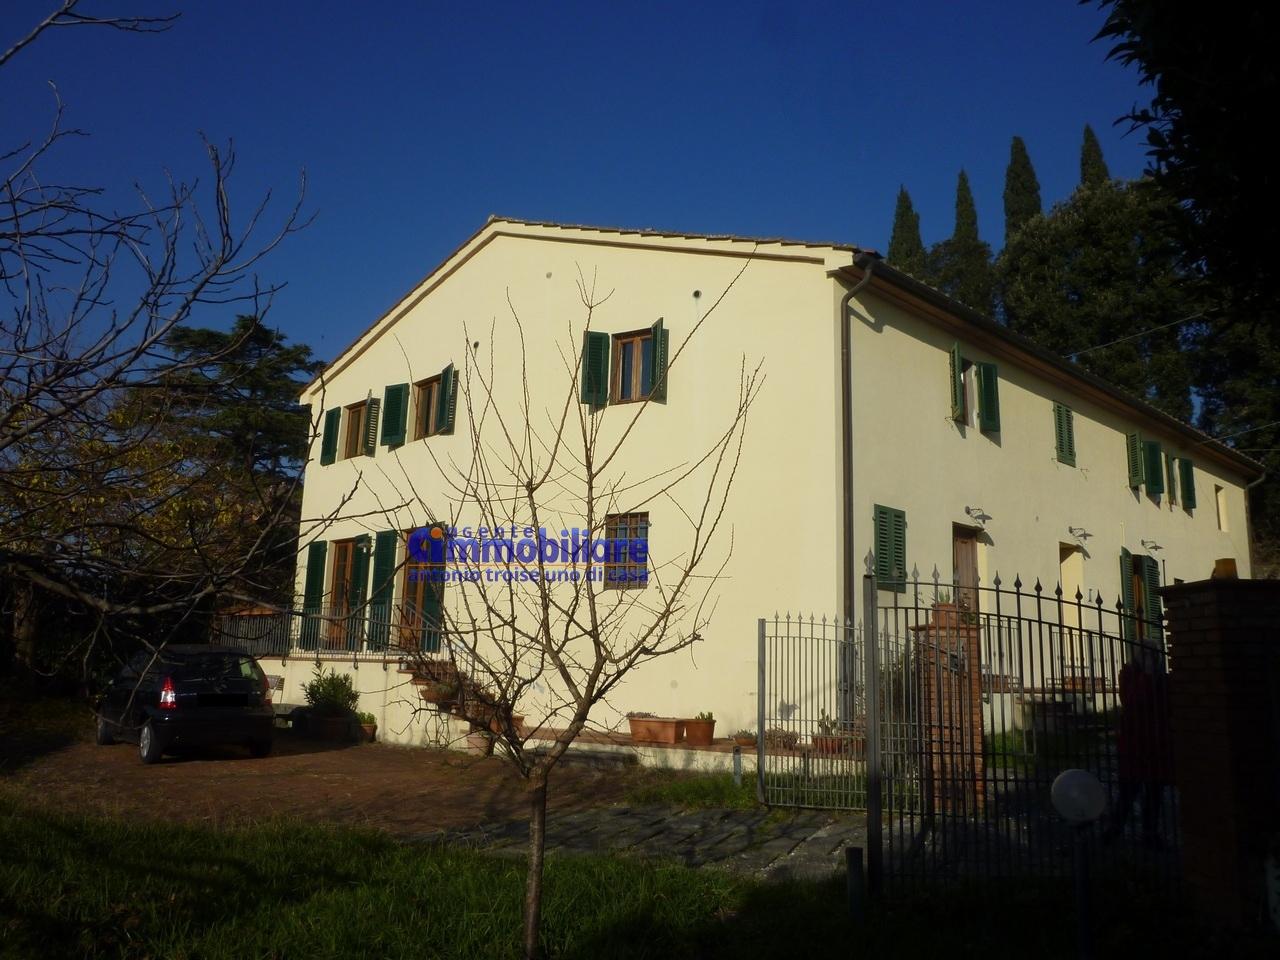 Pistoia est 5 km vendita porzione rustica di colonica libera 3 lati giardino troise immobiliare - Case in vendita pistoia giardino ...